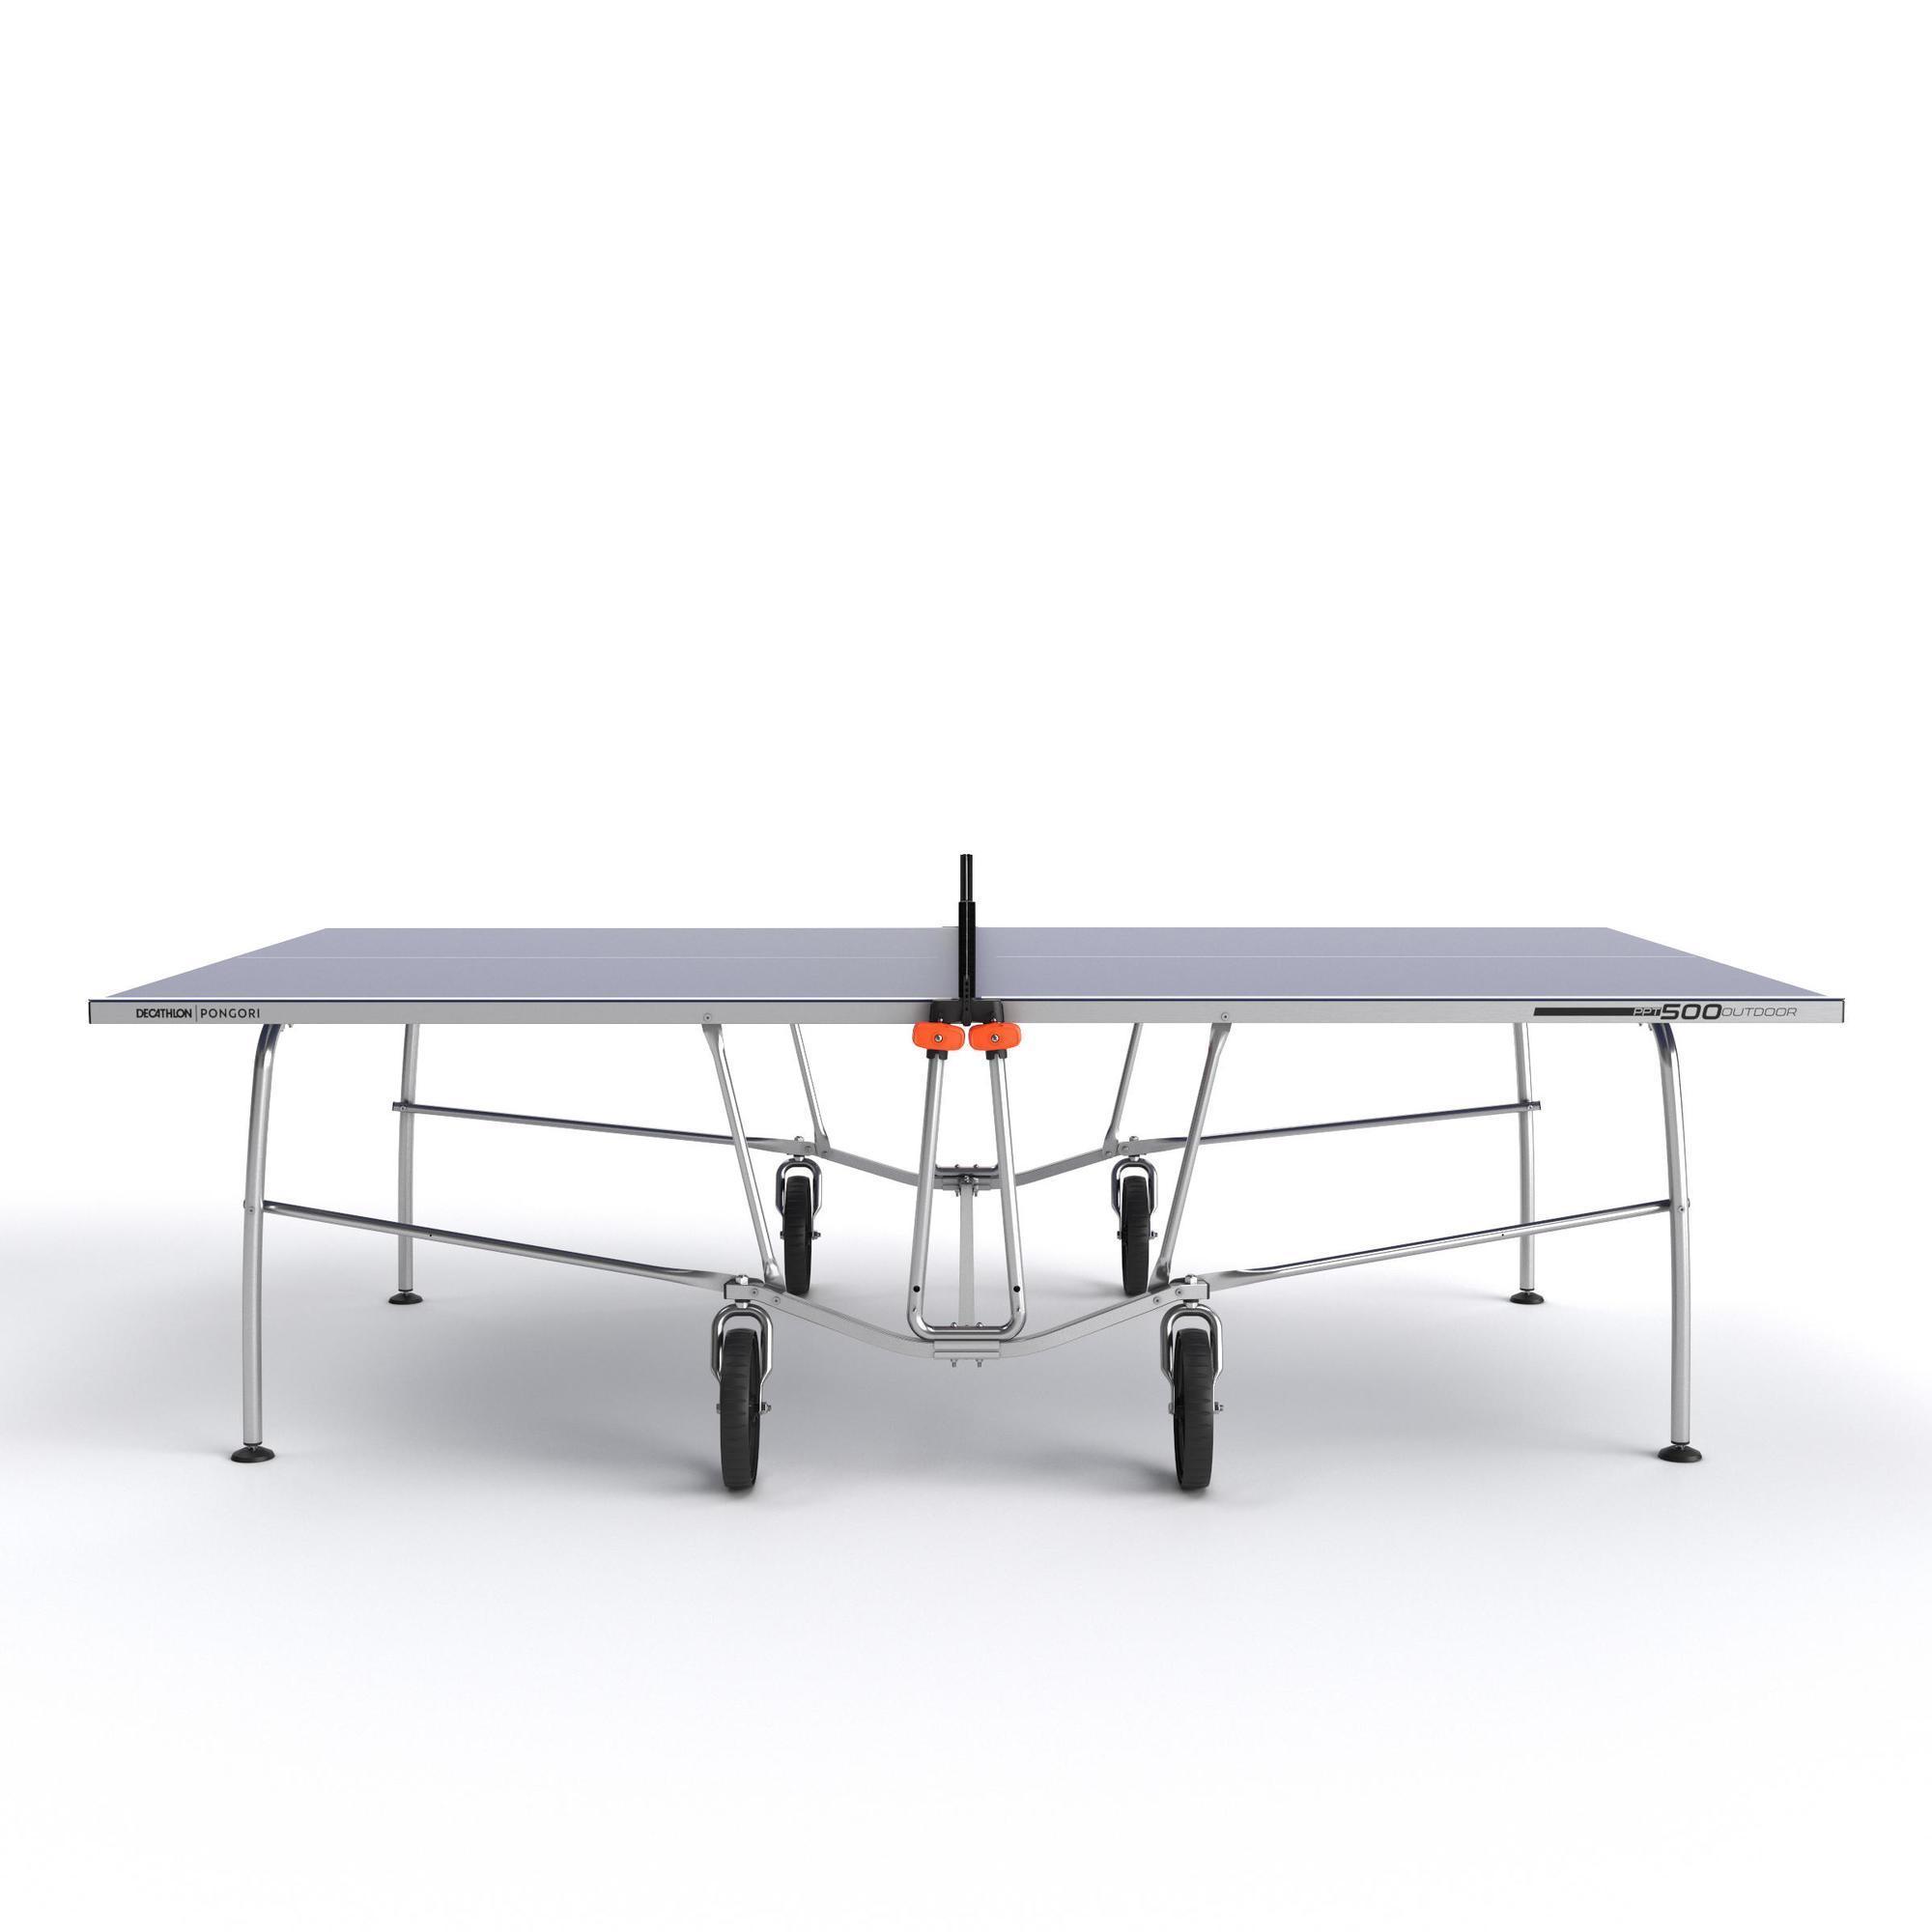 tafeltennistafel-2047